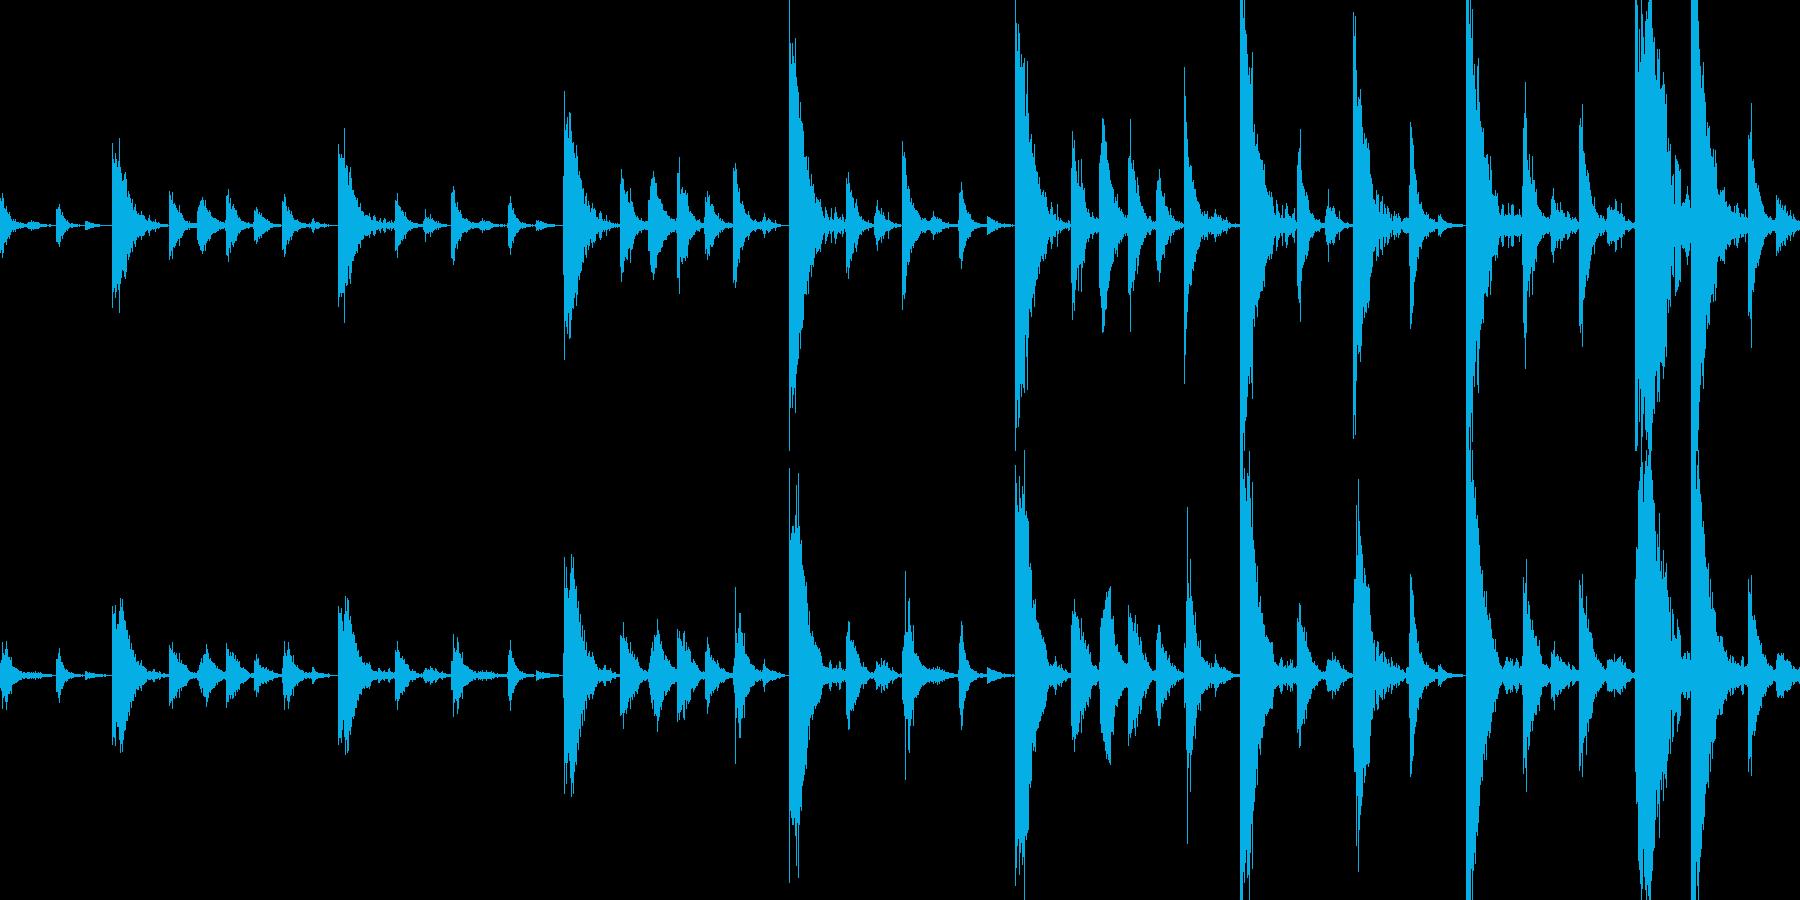 ドラムンベースのリズムループパターン#3の再生済みの波形